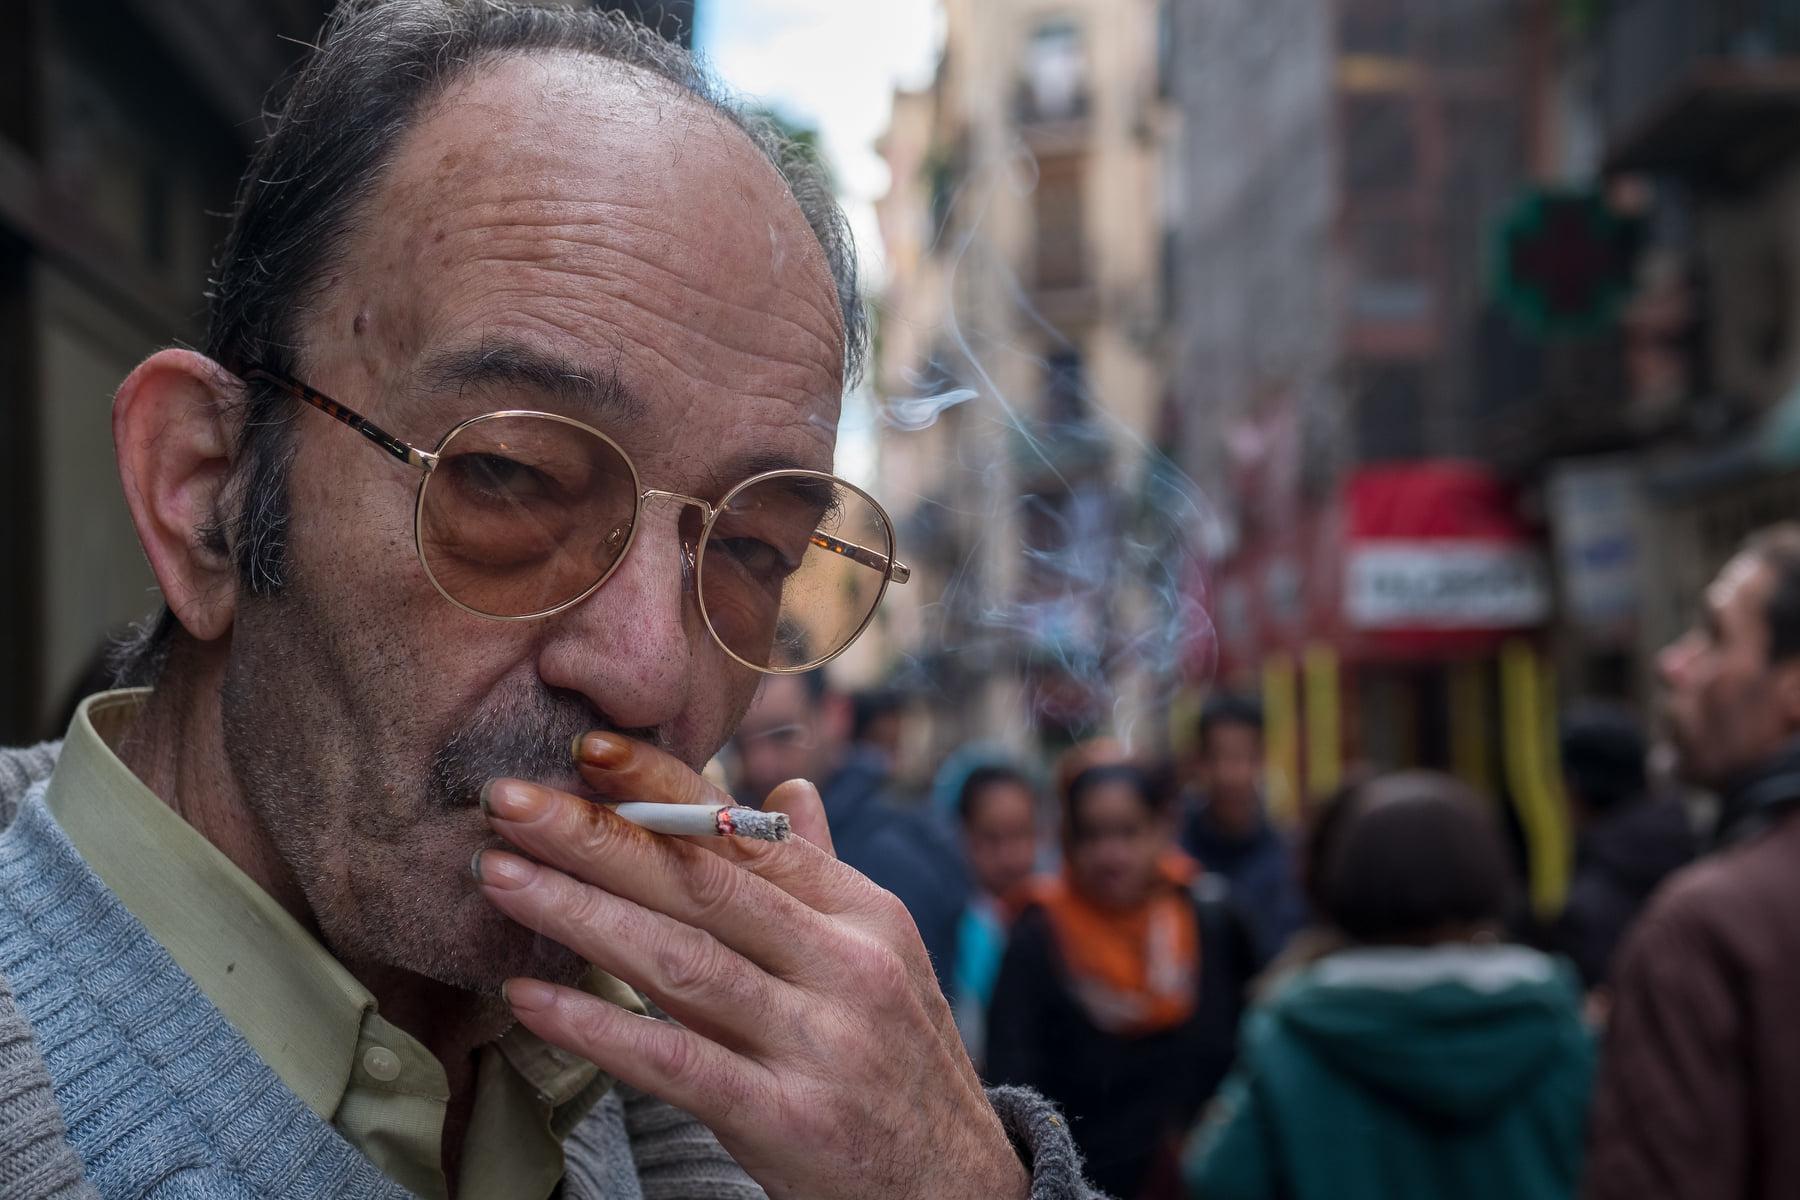 Photographer Sasha Asensio Barcelona Portraits 5